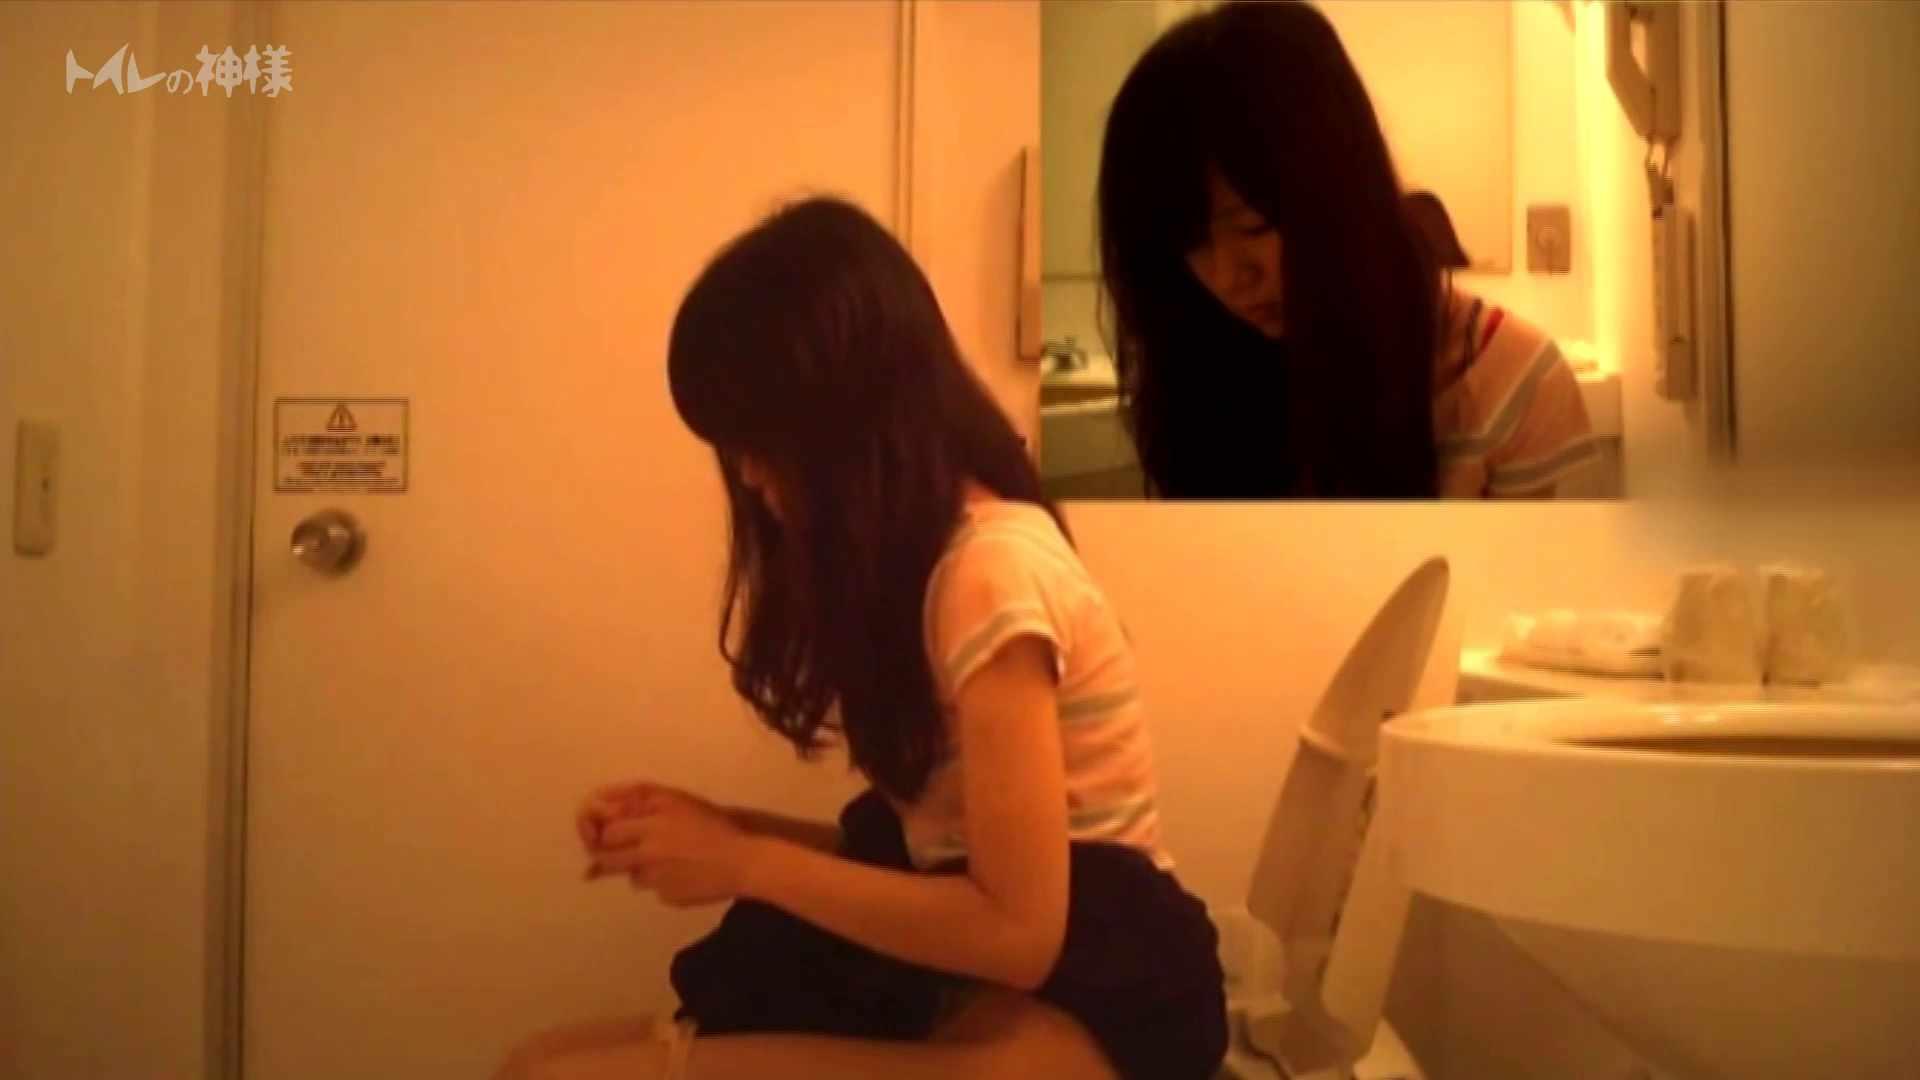 Vol.04 女子大生のトイレ恥態 洗面所シーン ヌード画像 89画像 45